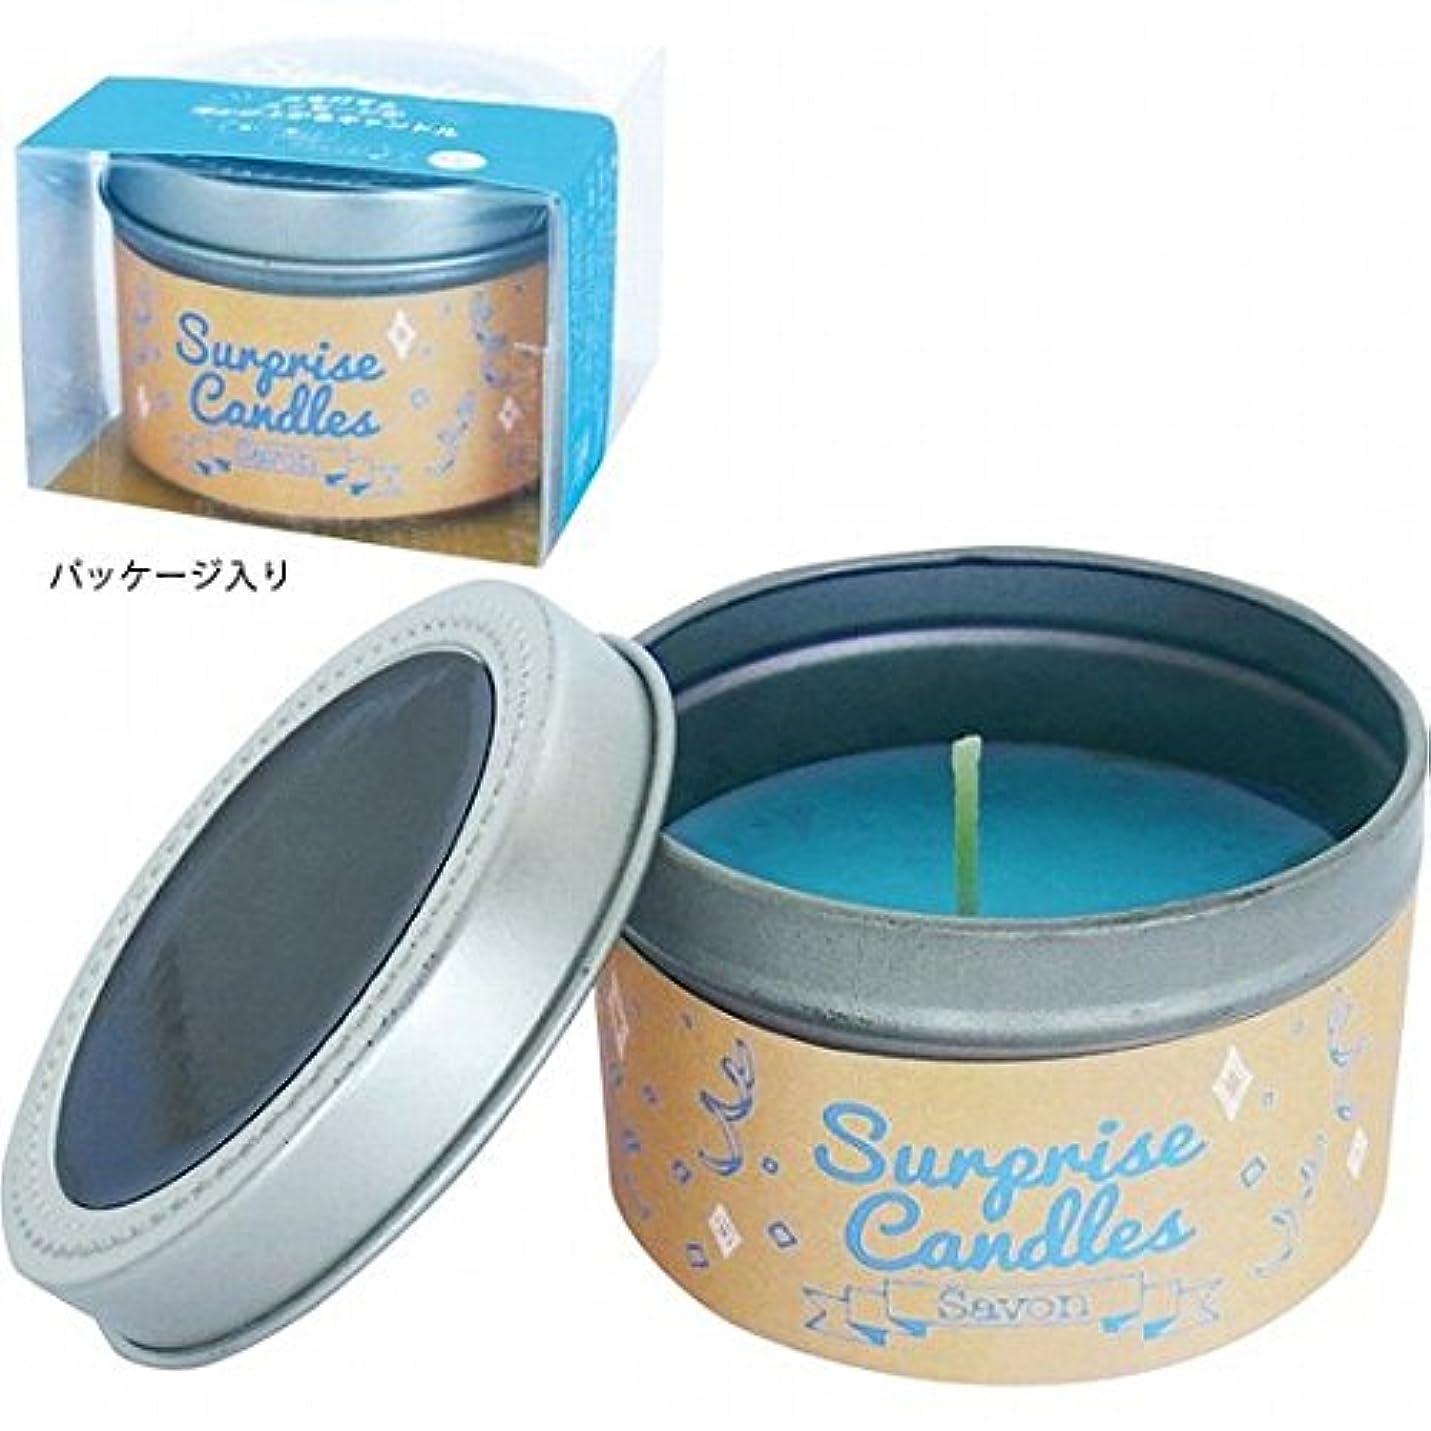 カウンタヒント刑務所kameyama candle(カメヤマキャンドル) サプライズキャンドル 「サボン」(A207005030)